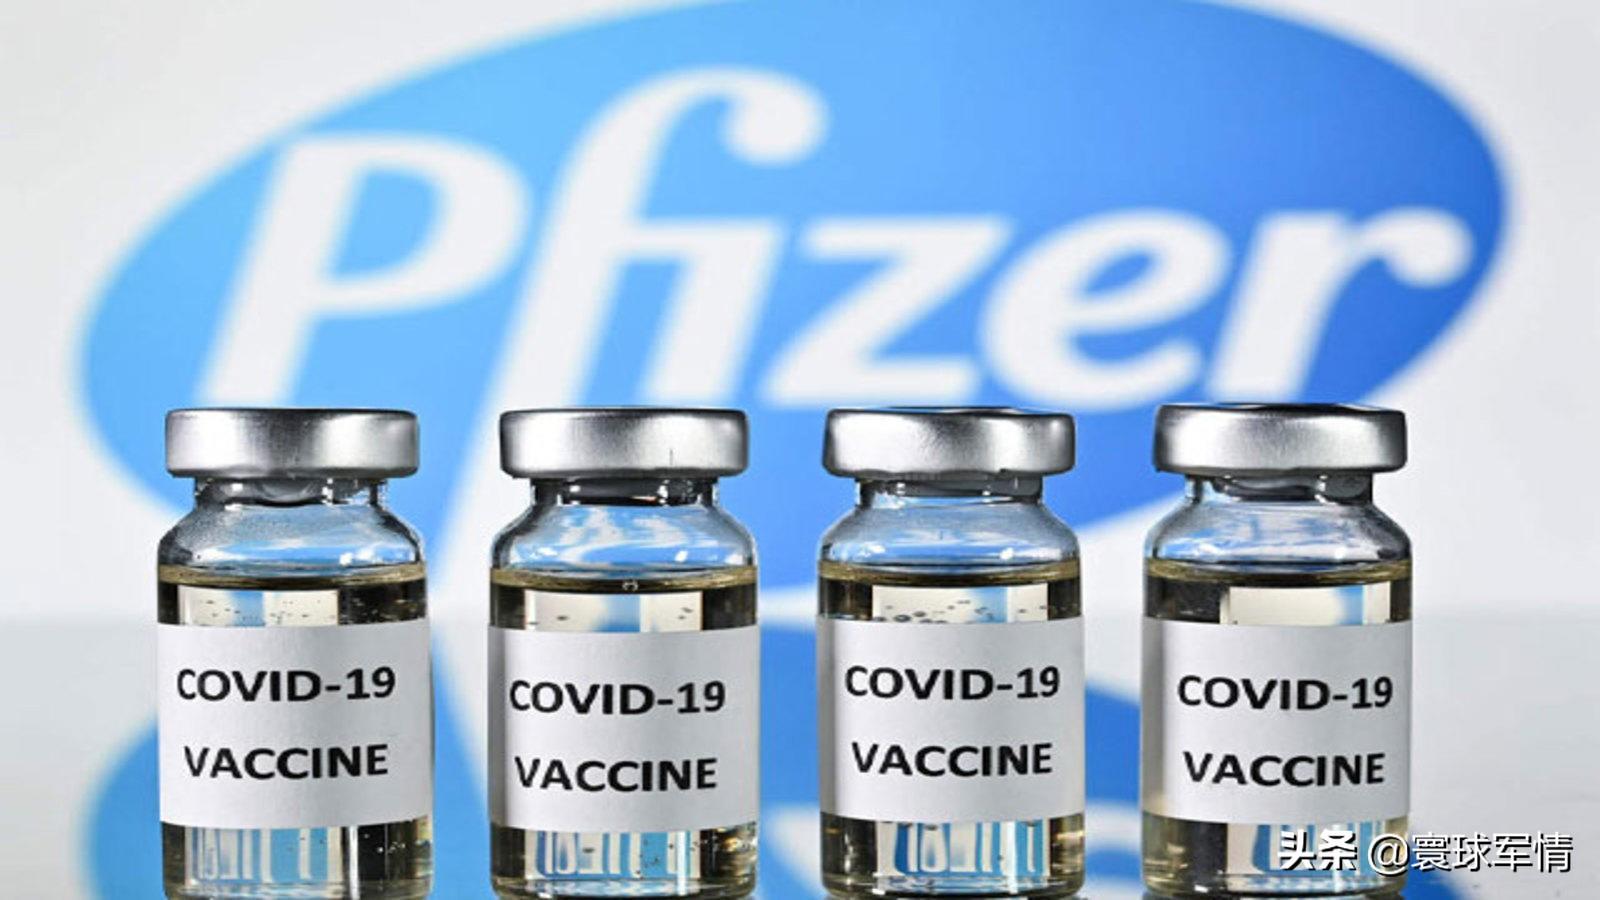 美国日新增确诊21万例,救命疫苗欲命名